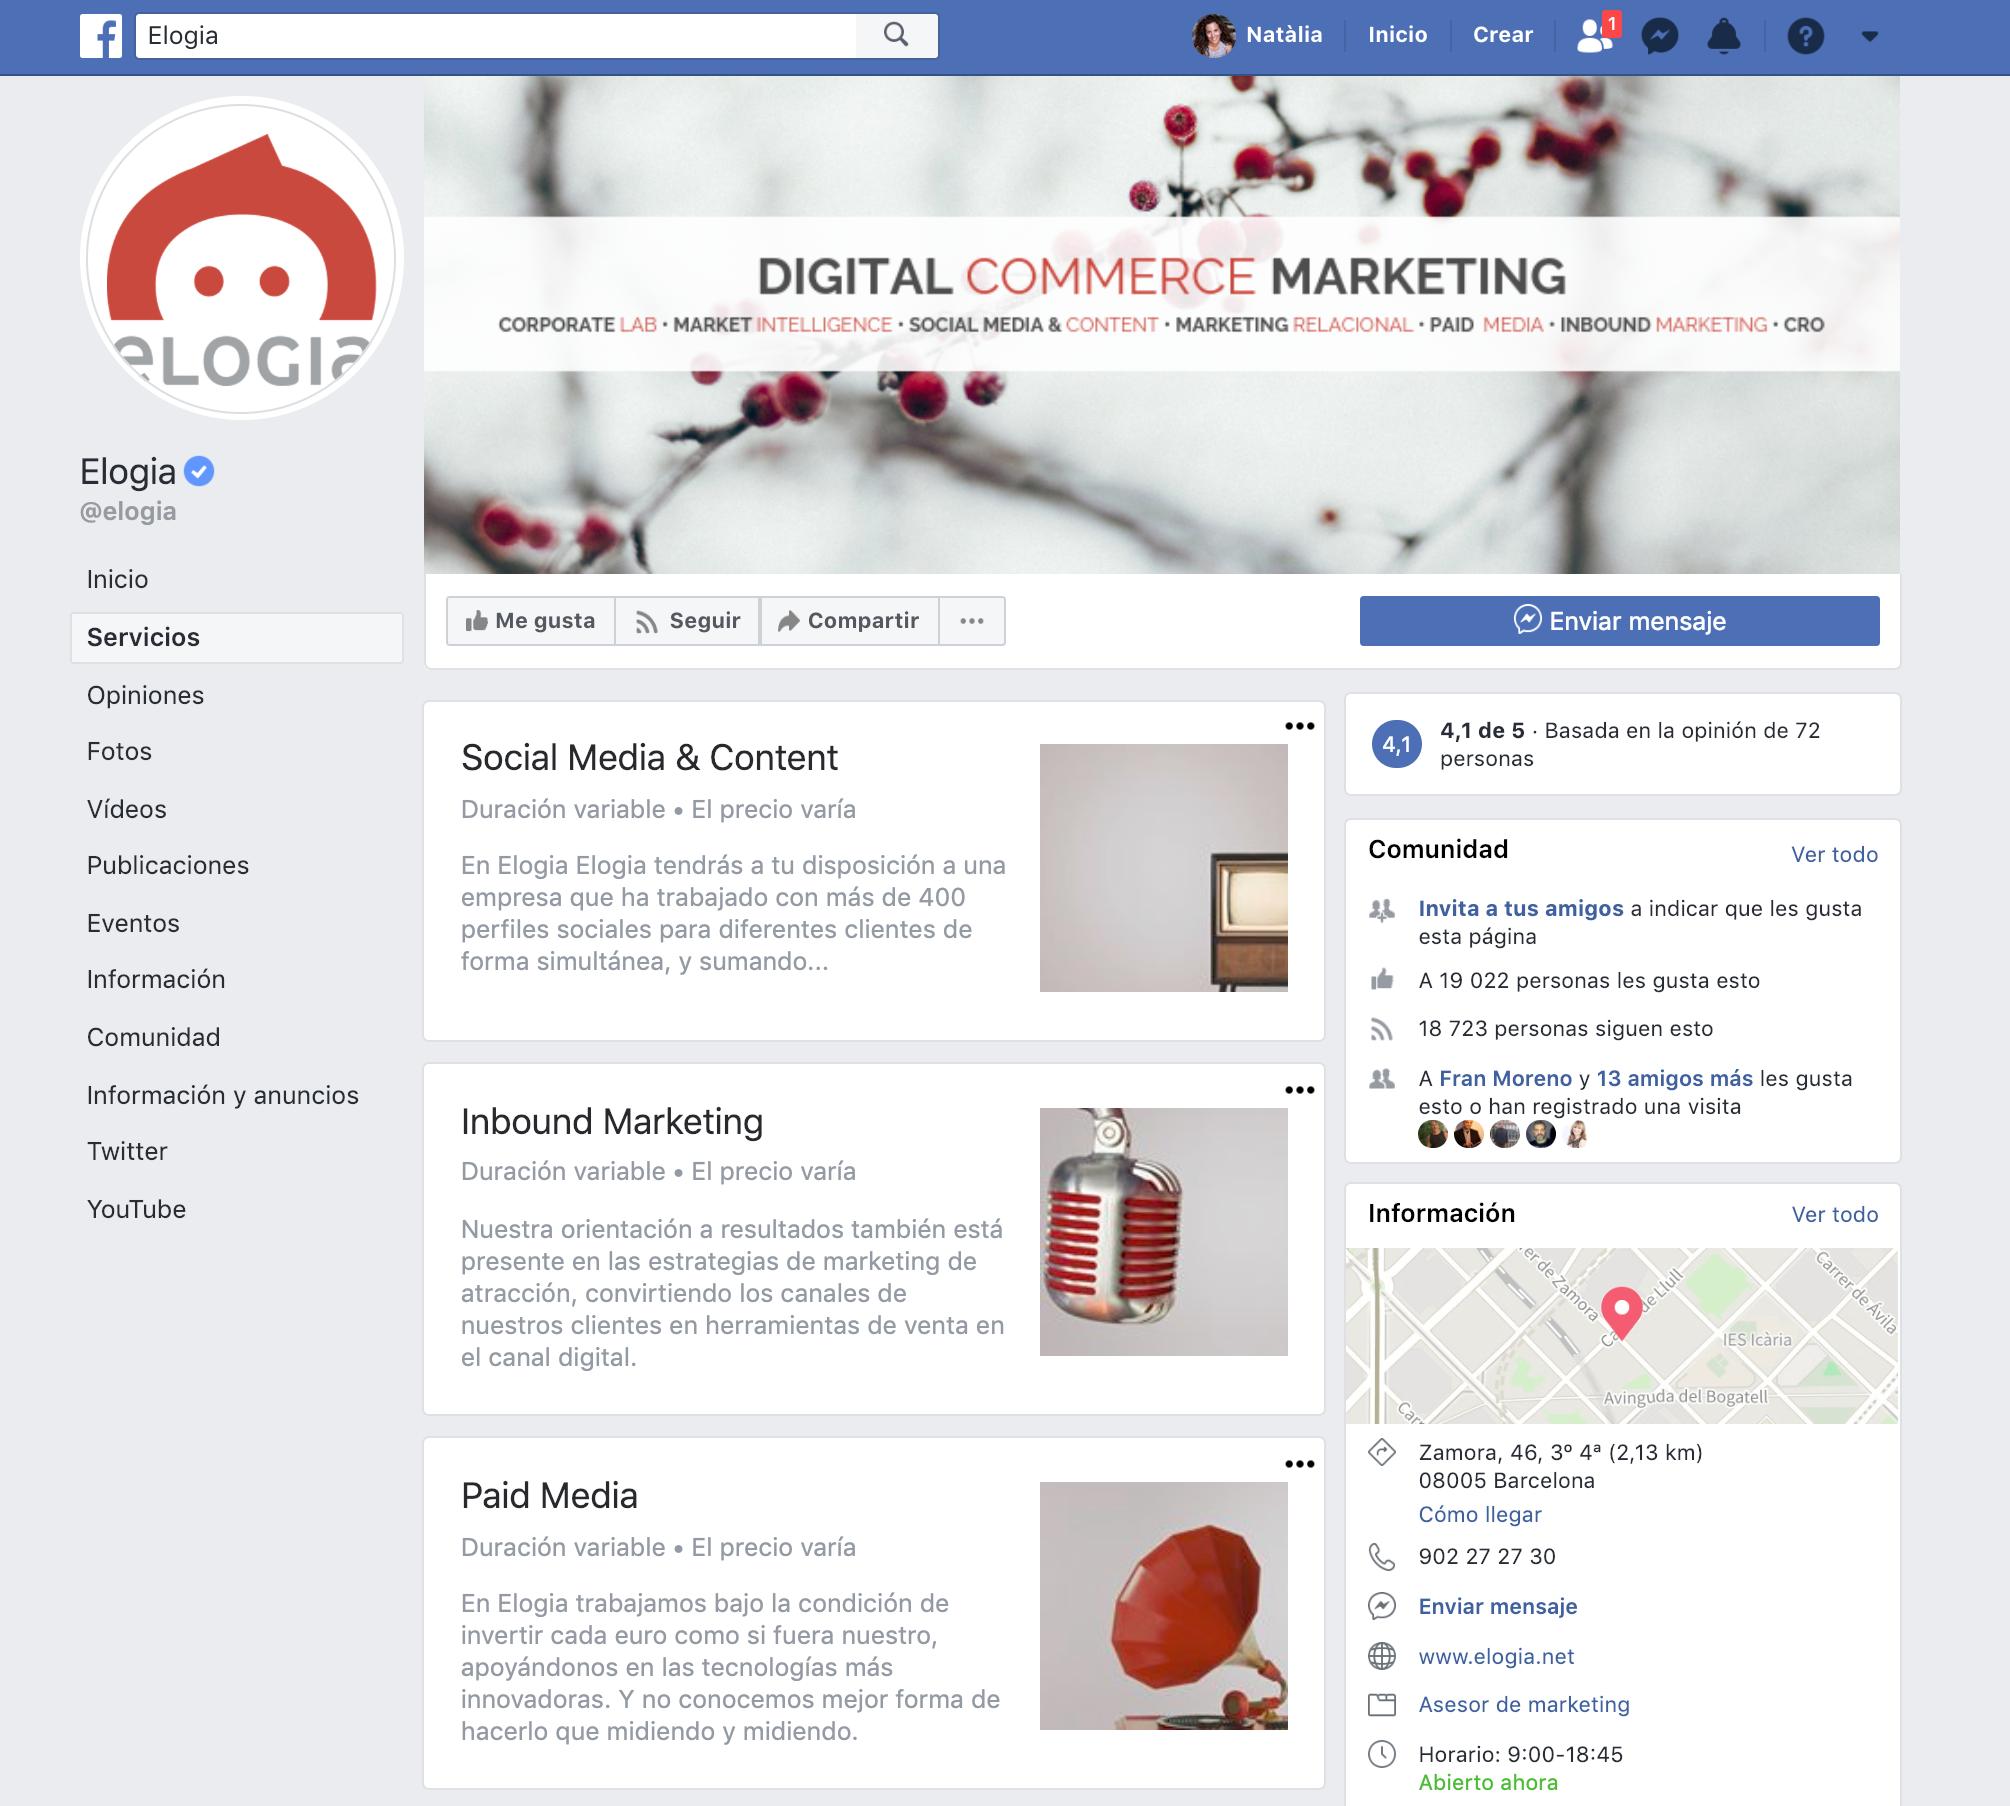 Bios para perfiles de redes sociales - Caso Elogia